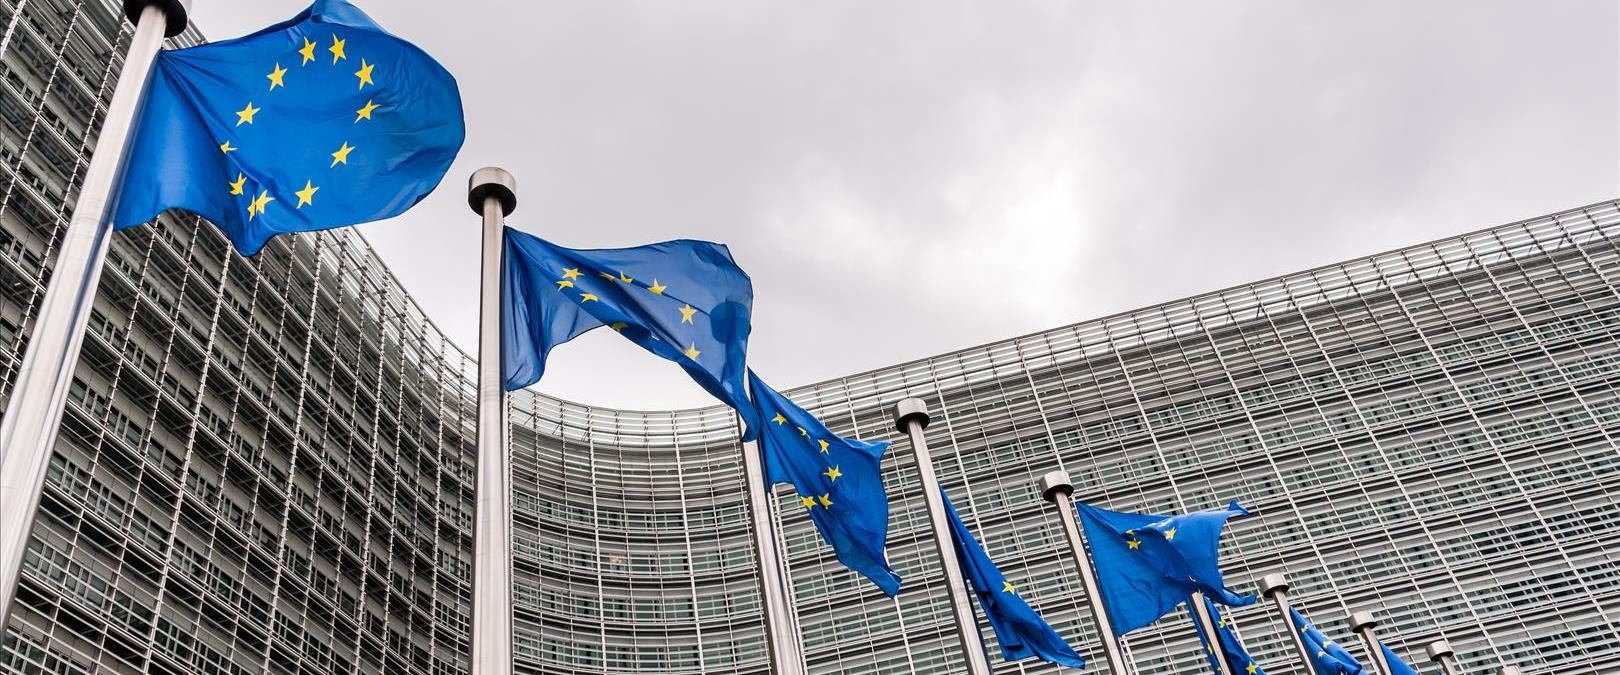 מטה האיחוד האירופי בבריסל, השבוע